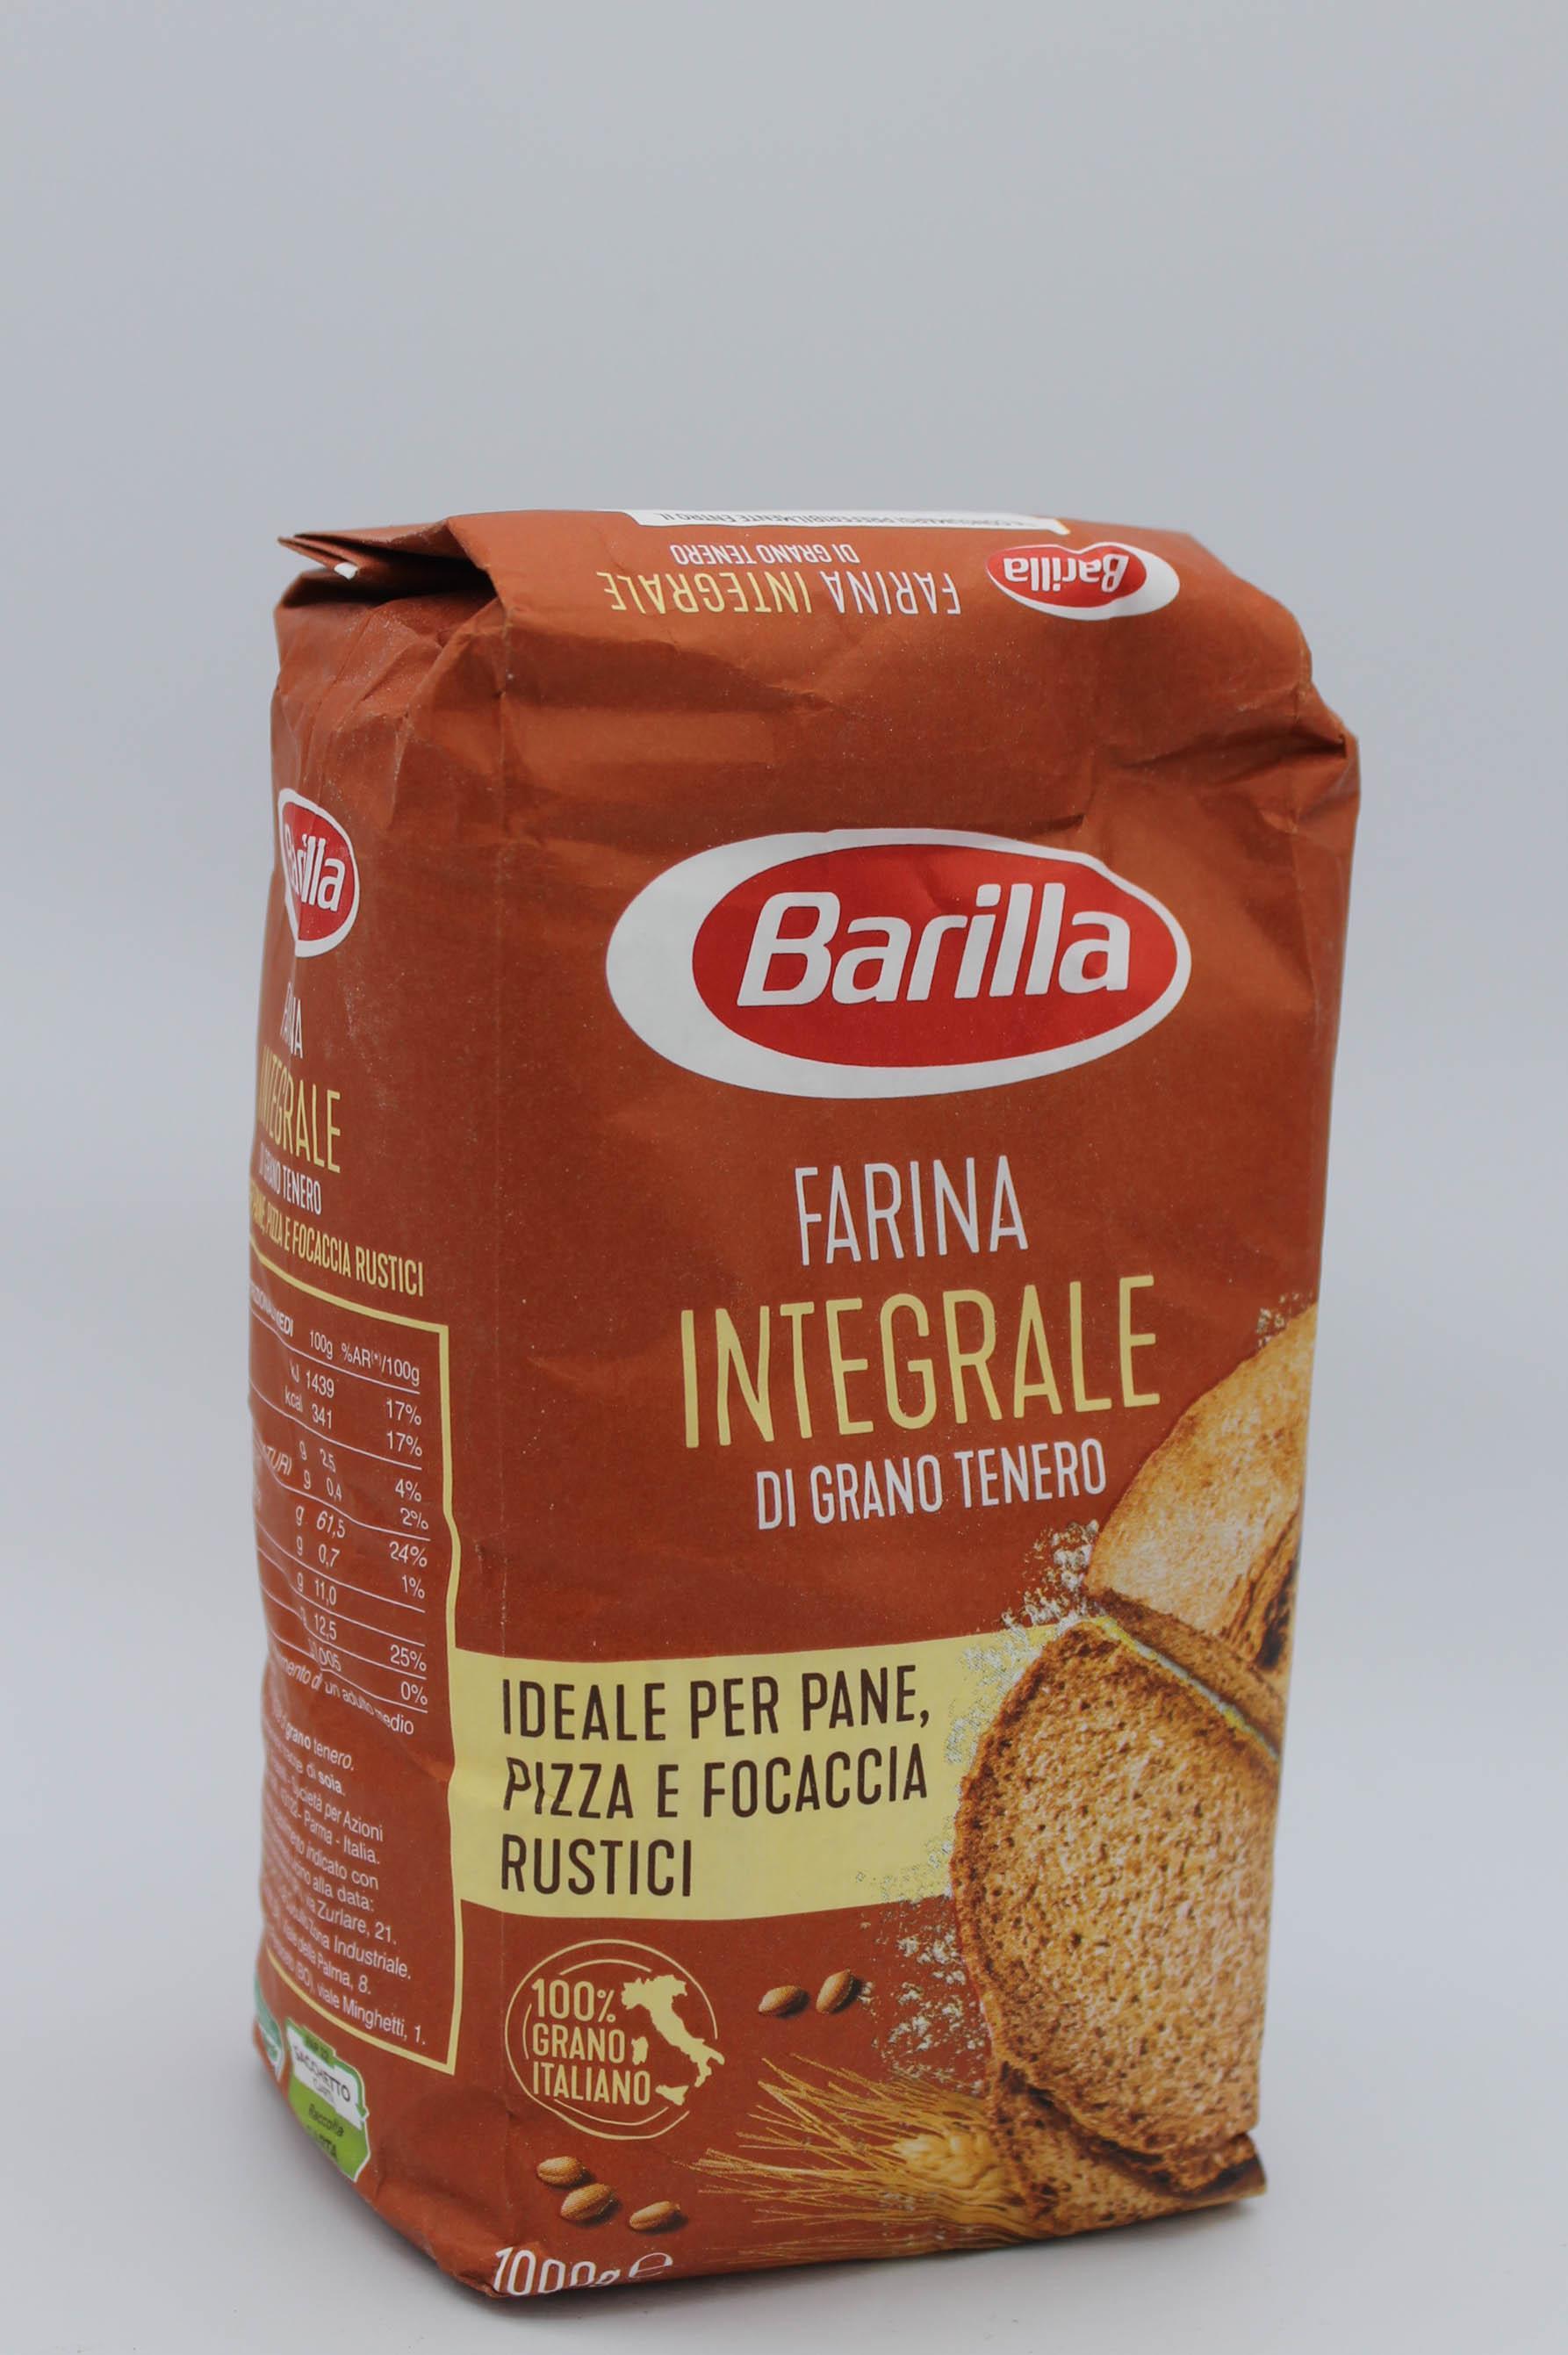 Barilla farina integrale grano tenero 1kg.